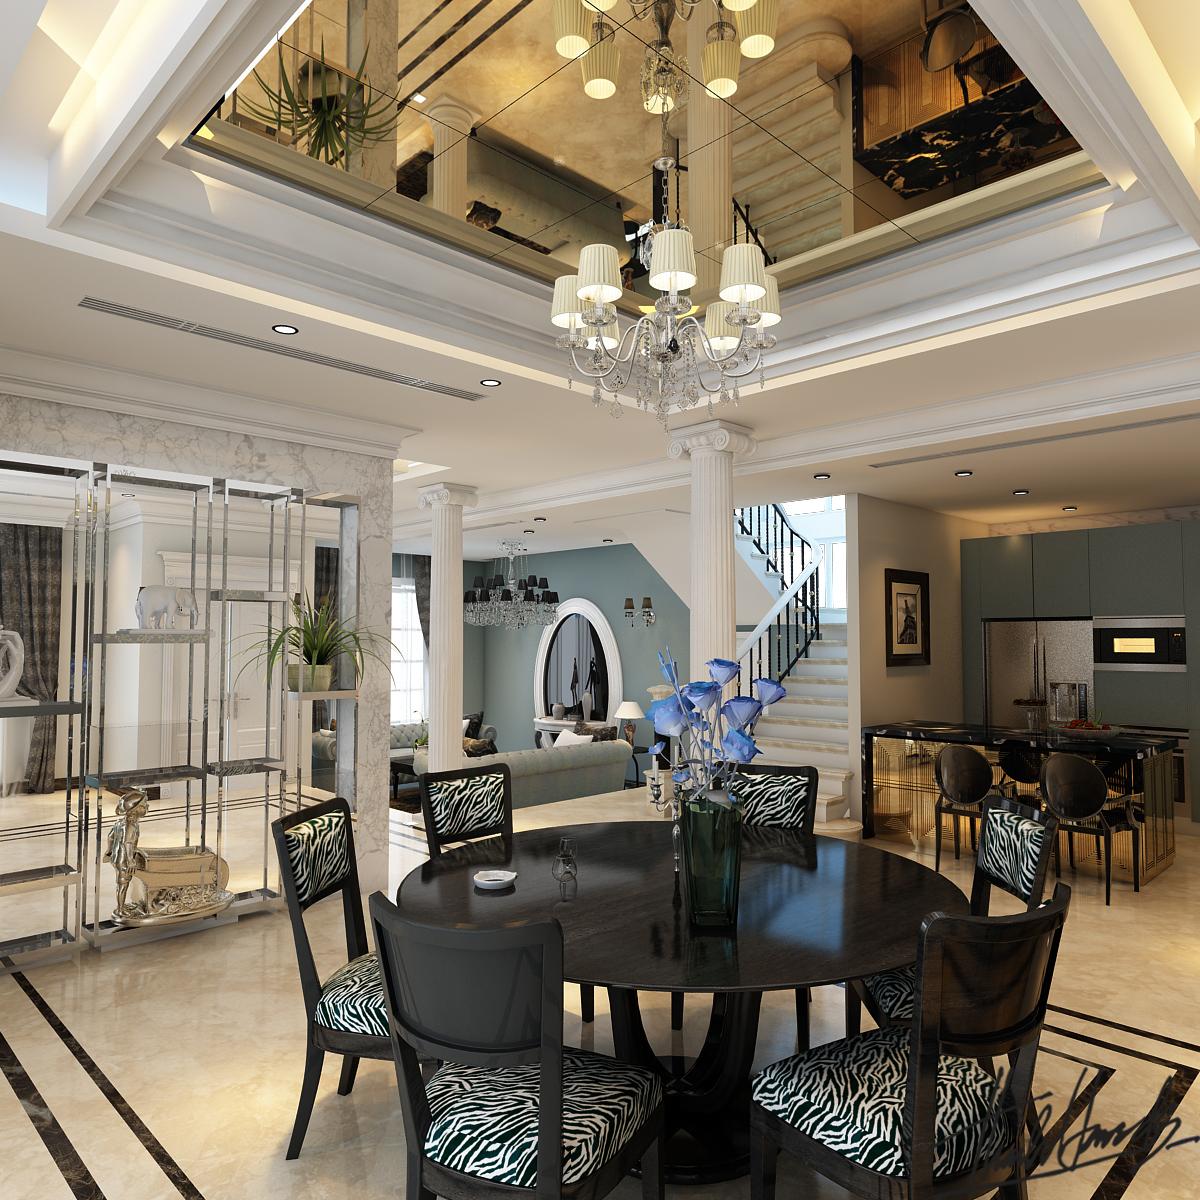 thiết kế nội thất Biệt Thự tại Hà Nội Biệt thự - Việt Hưng  10 1568273831